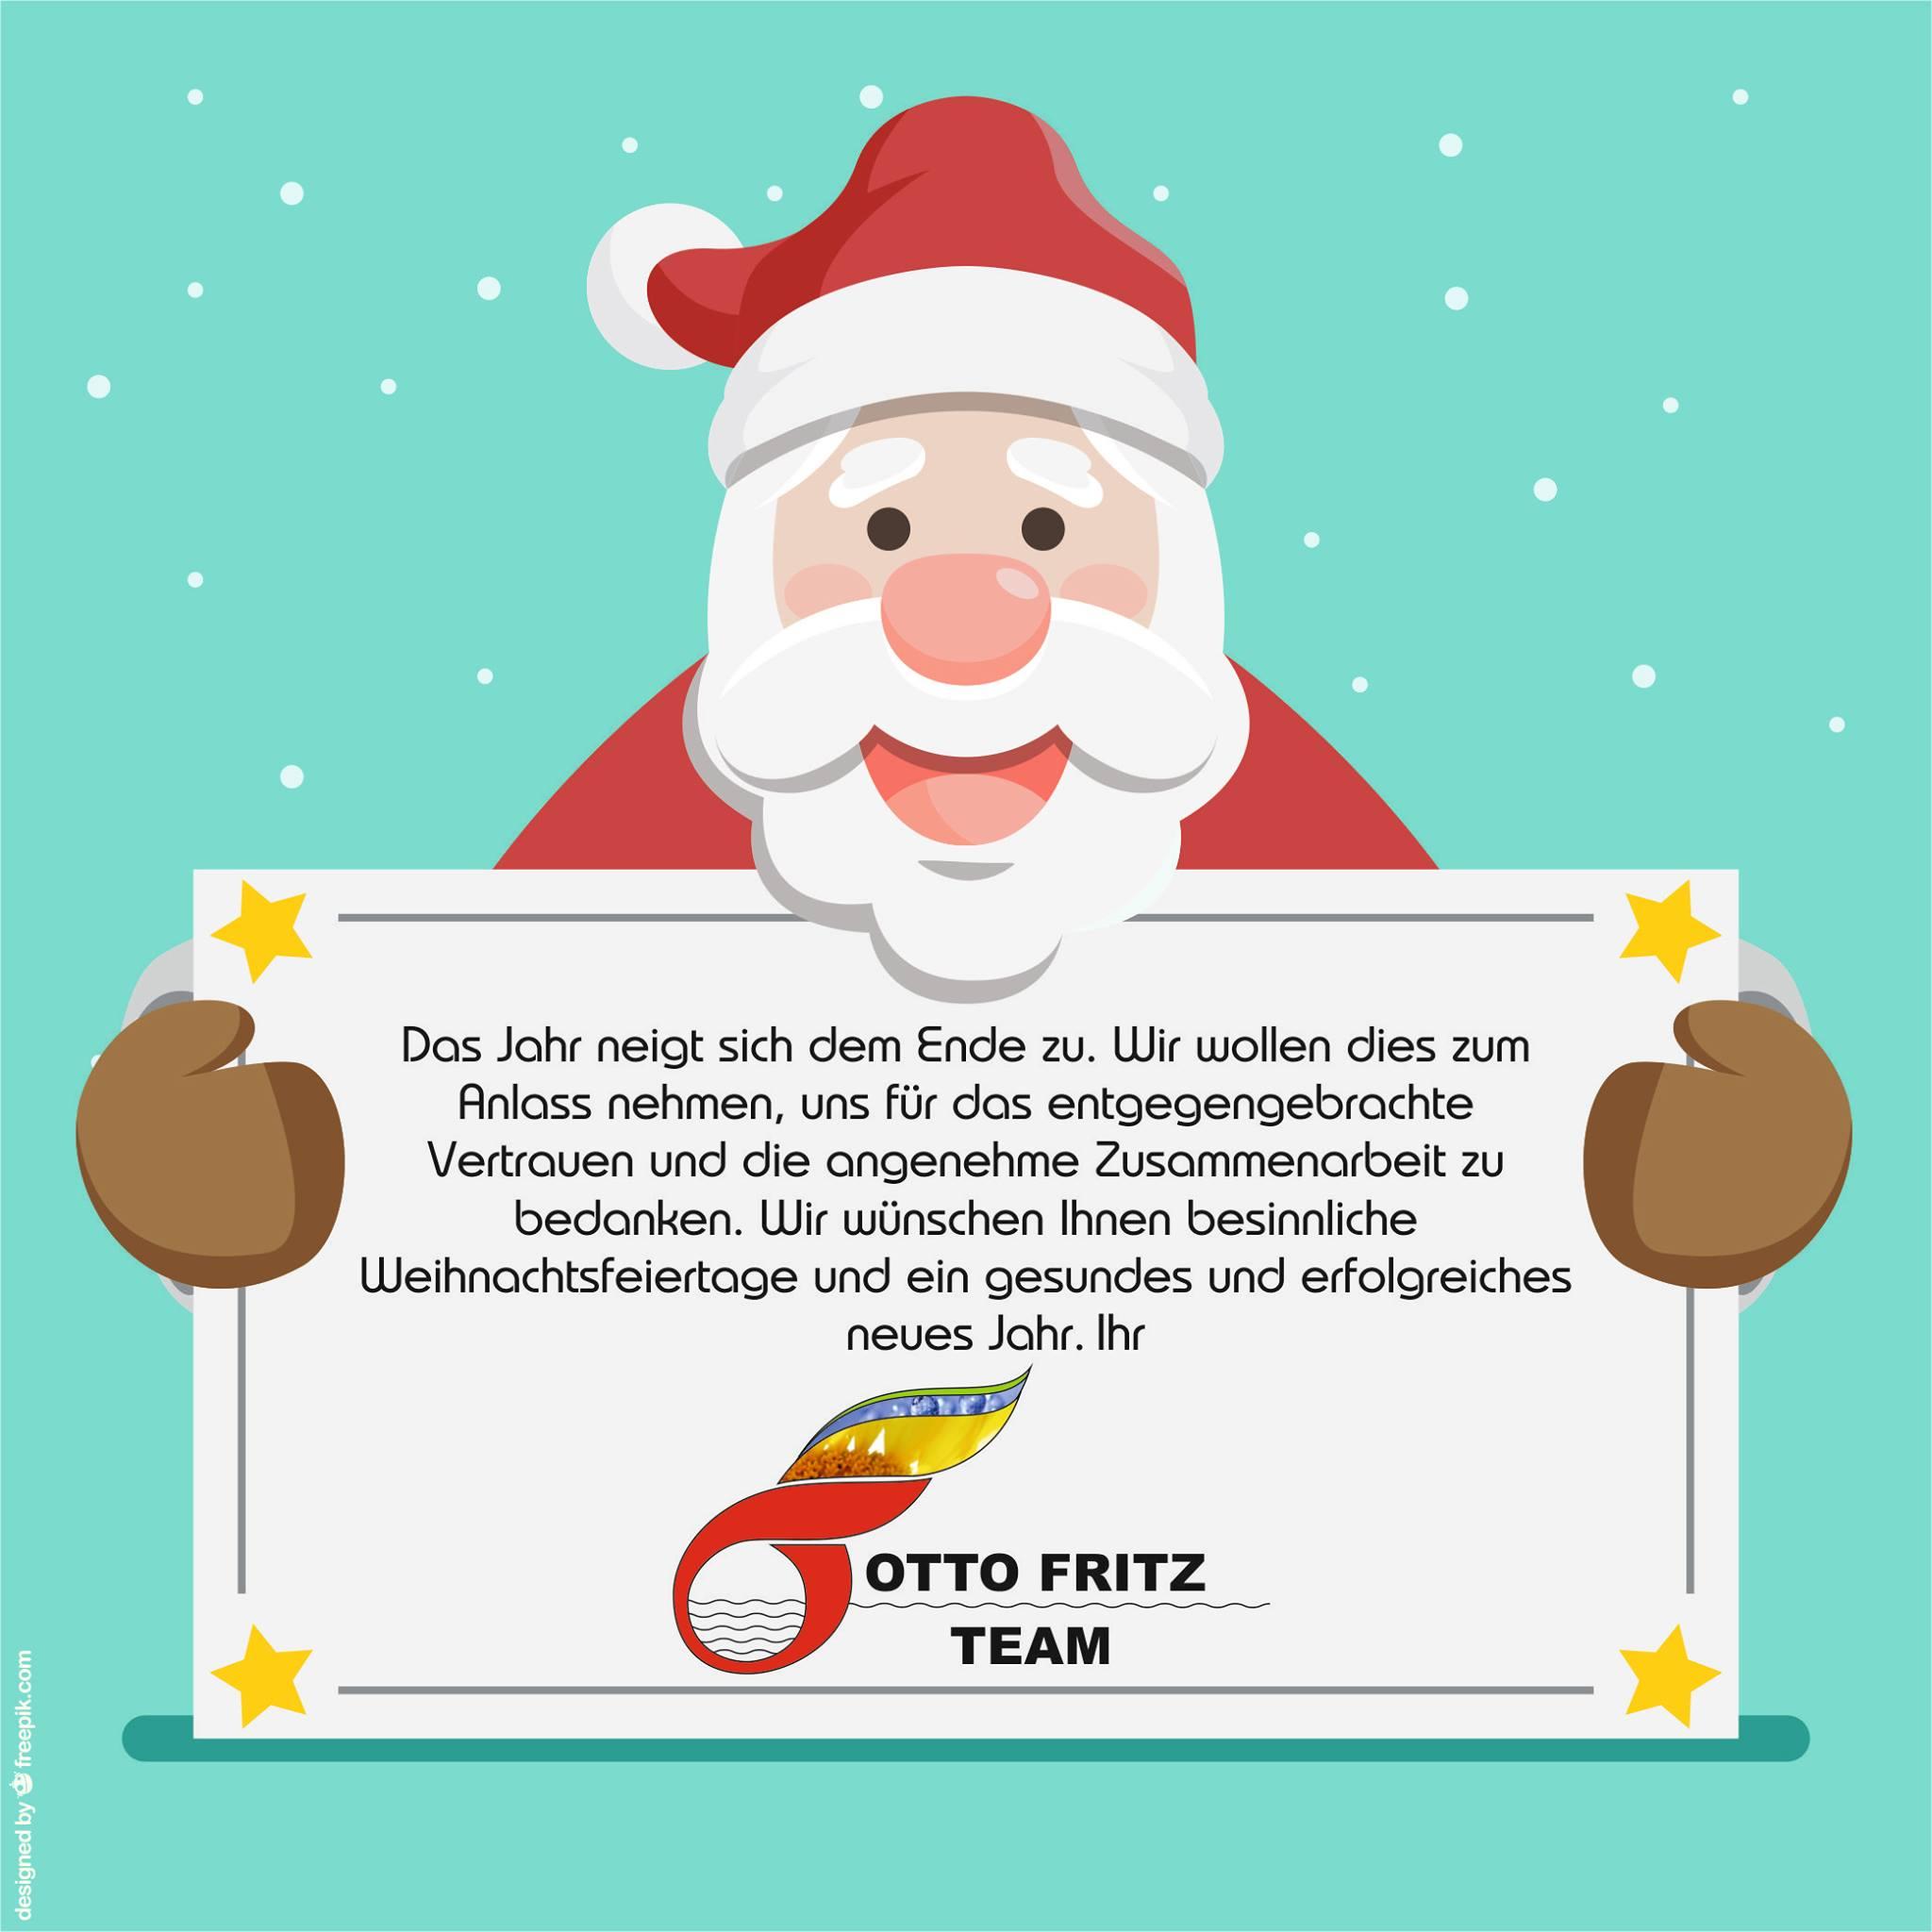 Wir Wünschen Euch Frohe Und Besinnliche Weihnachten.Otto Fritz Gmbh Frohe Weihnachten